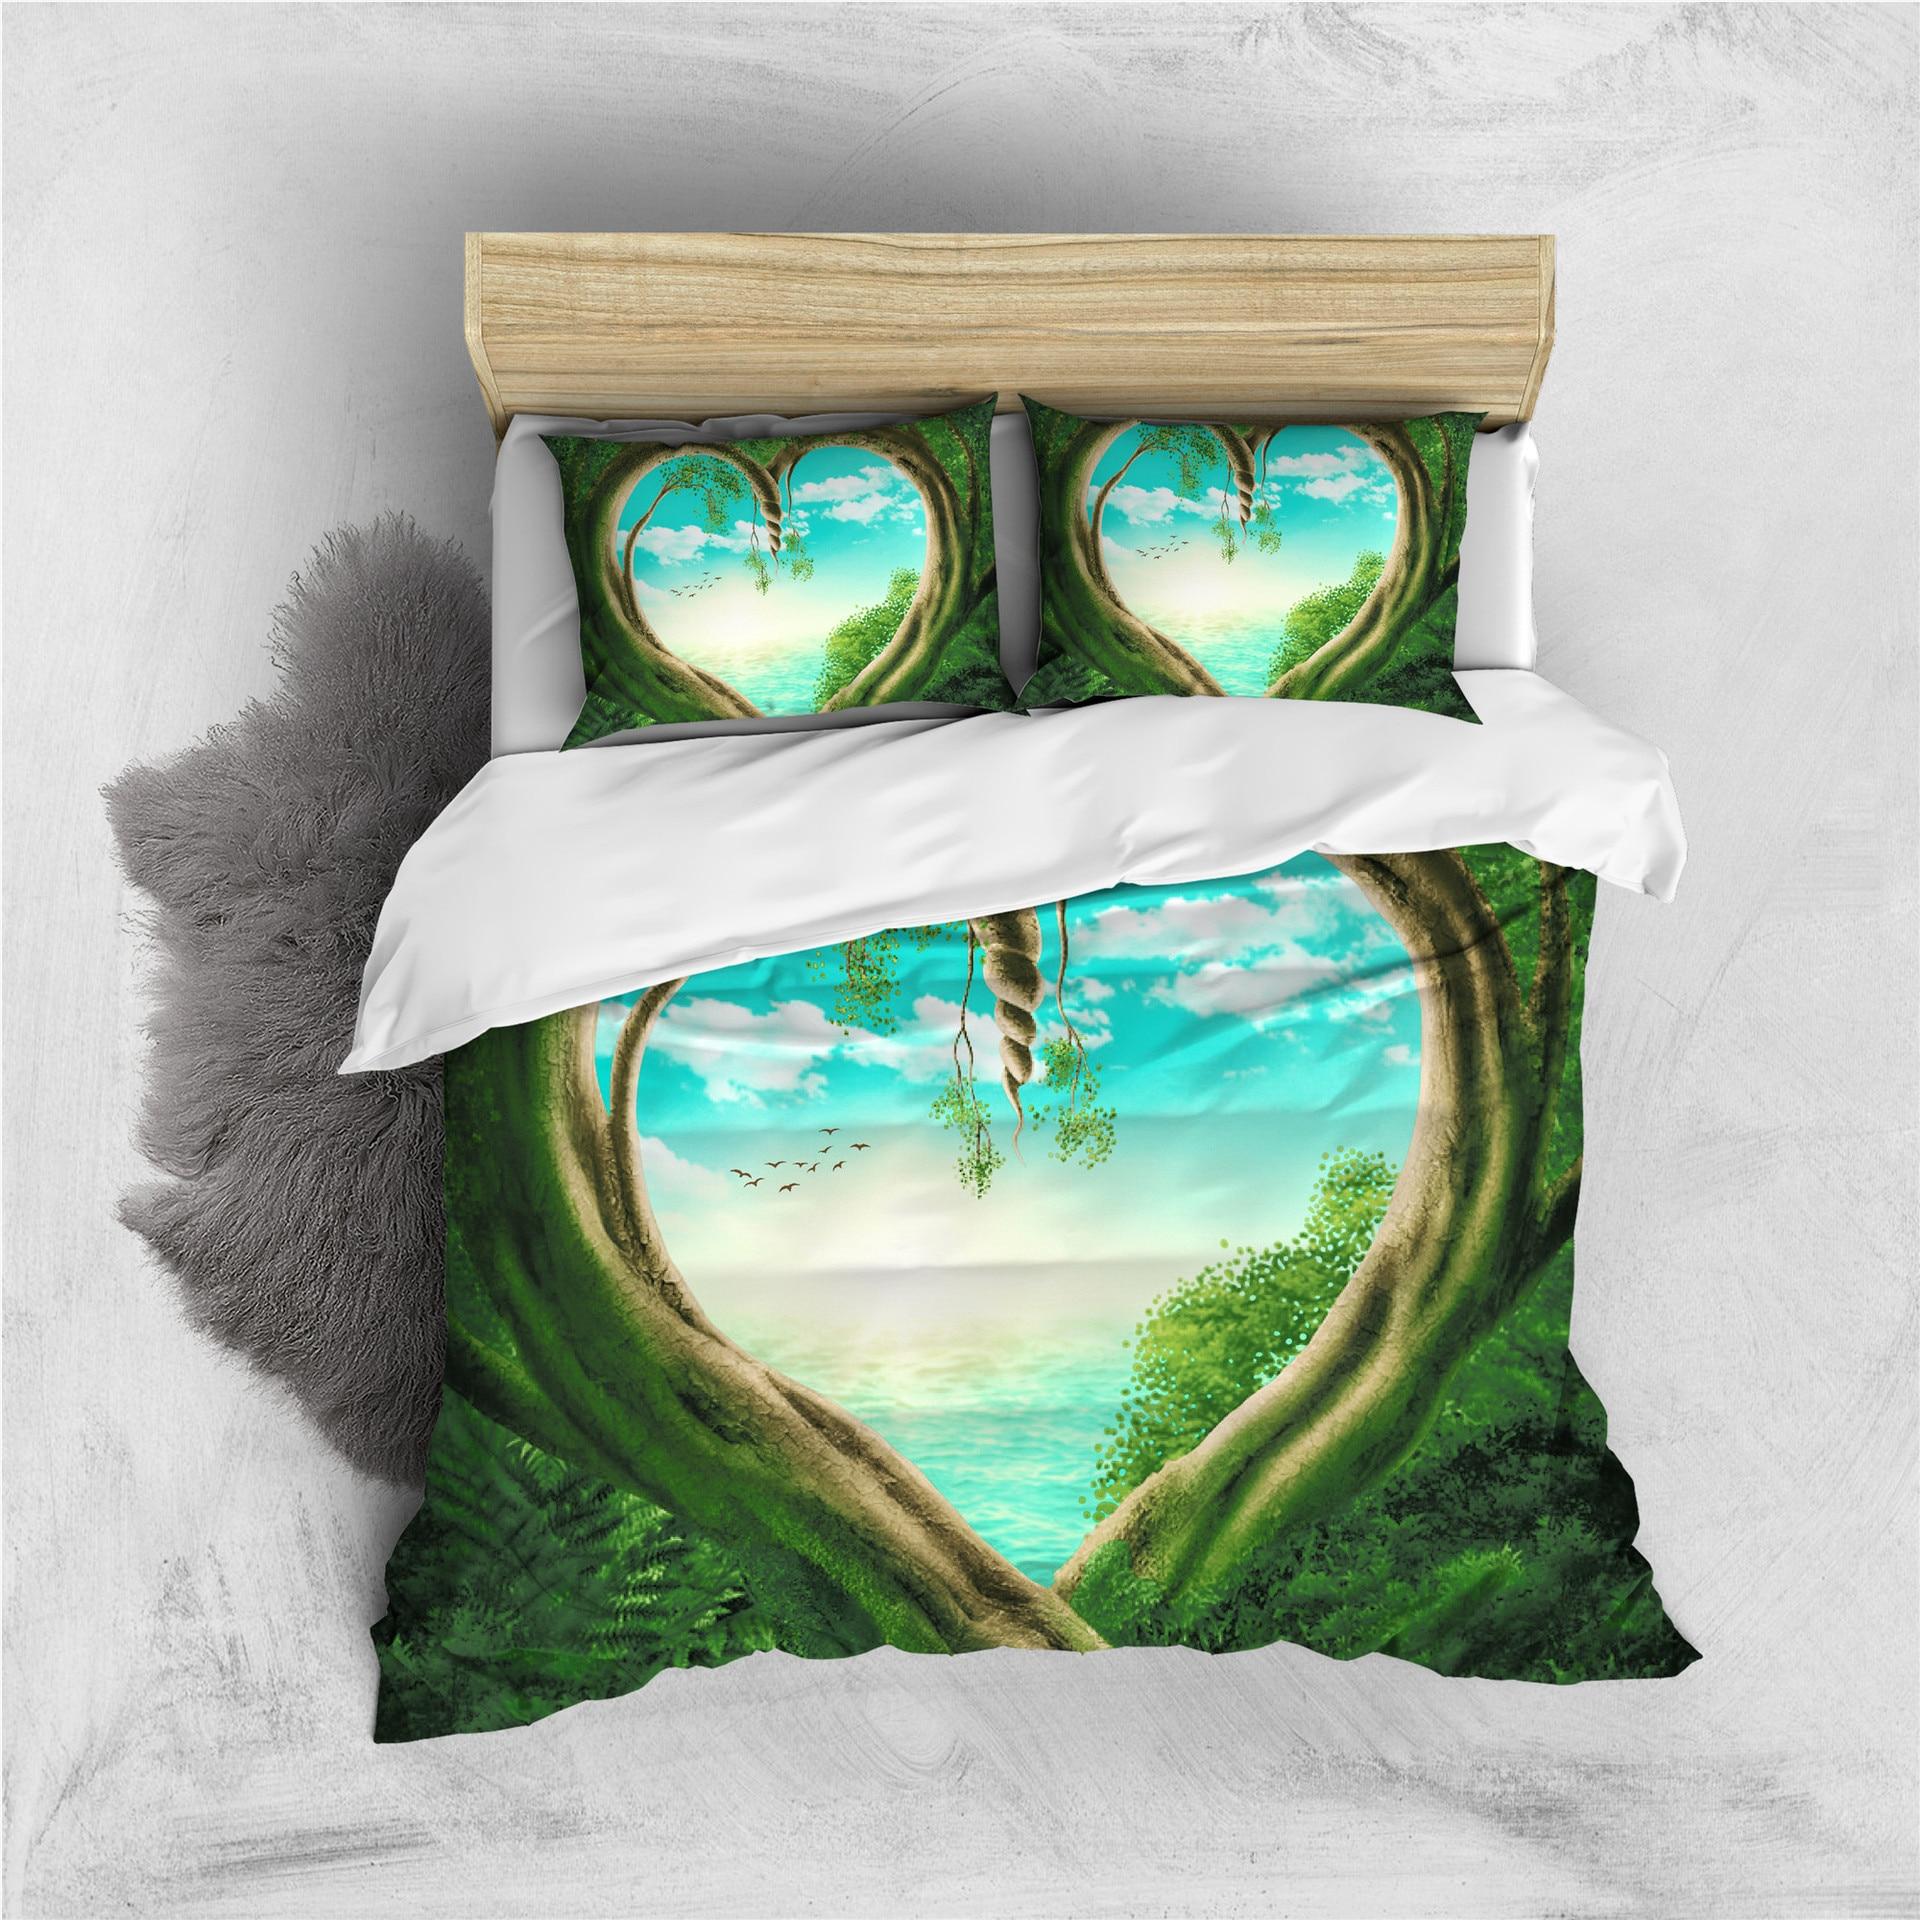 غطاء لحاف ثلاثي الأبعاد إبداعي مع غطاء وسادة ، طقم سرير فردي ، مزدوج ، كامل ، كوين ، كينج ، لديكور غرفة النوم